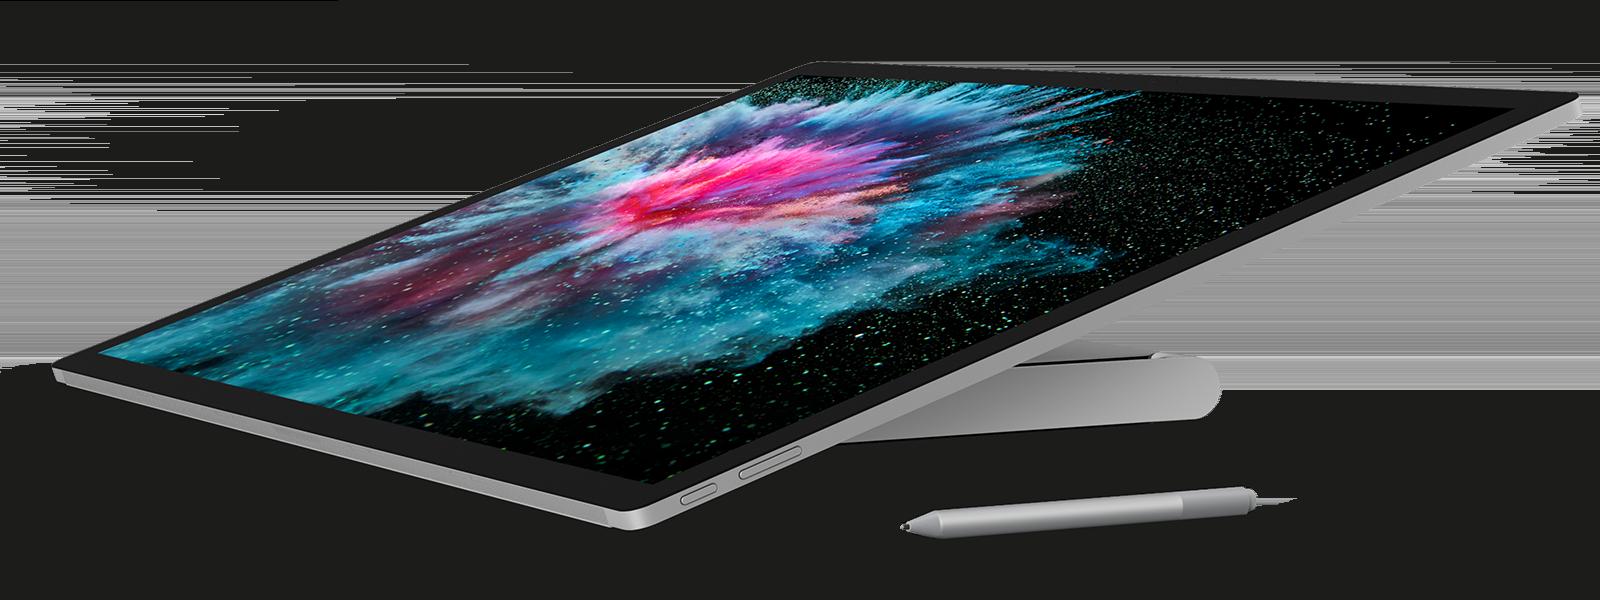 Seitenansicht von Surface Studio 2 im Studio-Modus mit Surface Pen